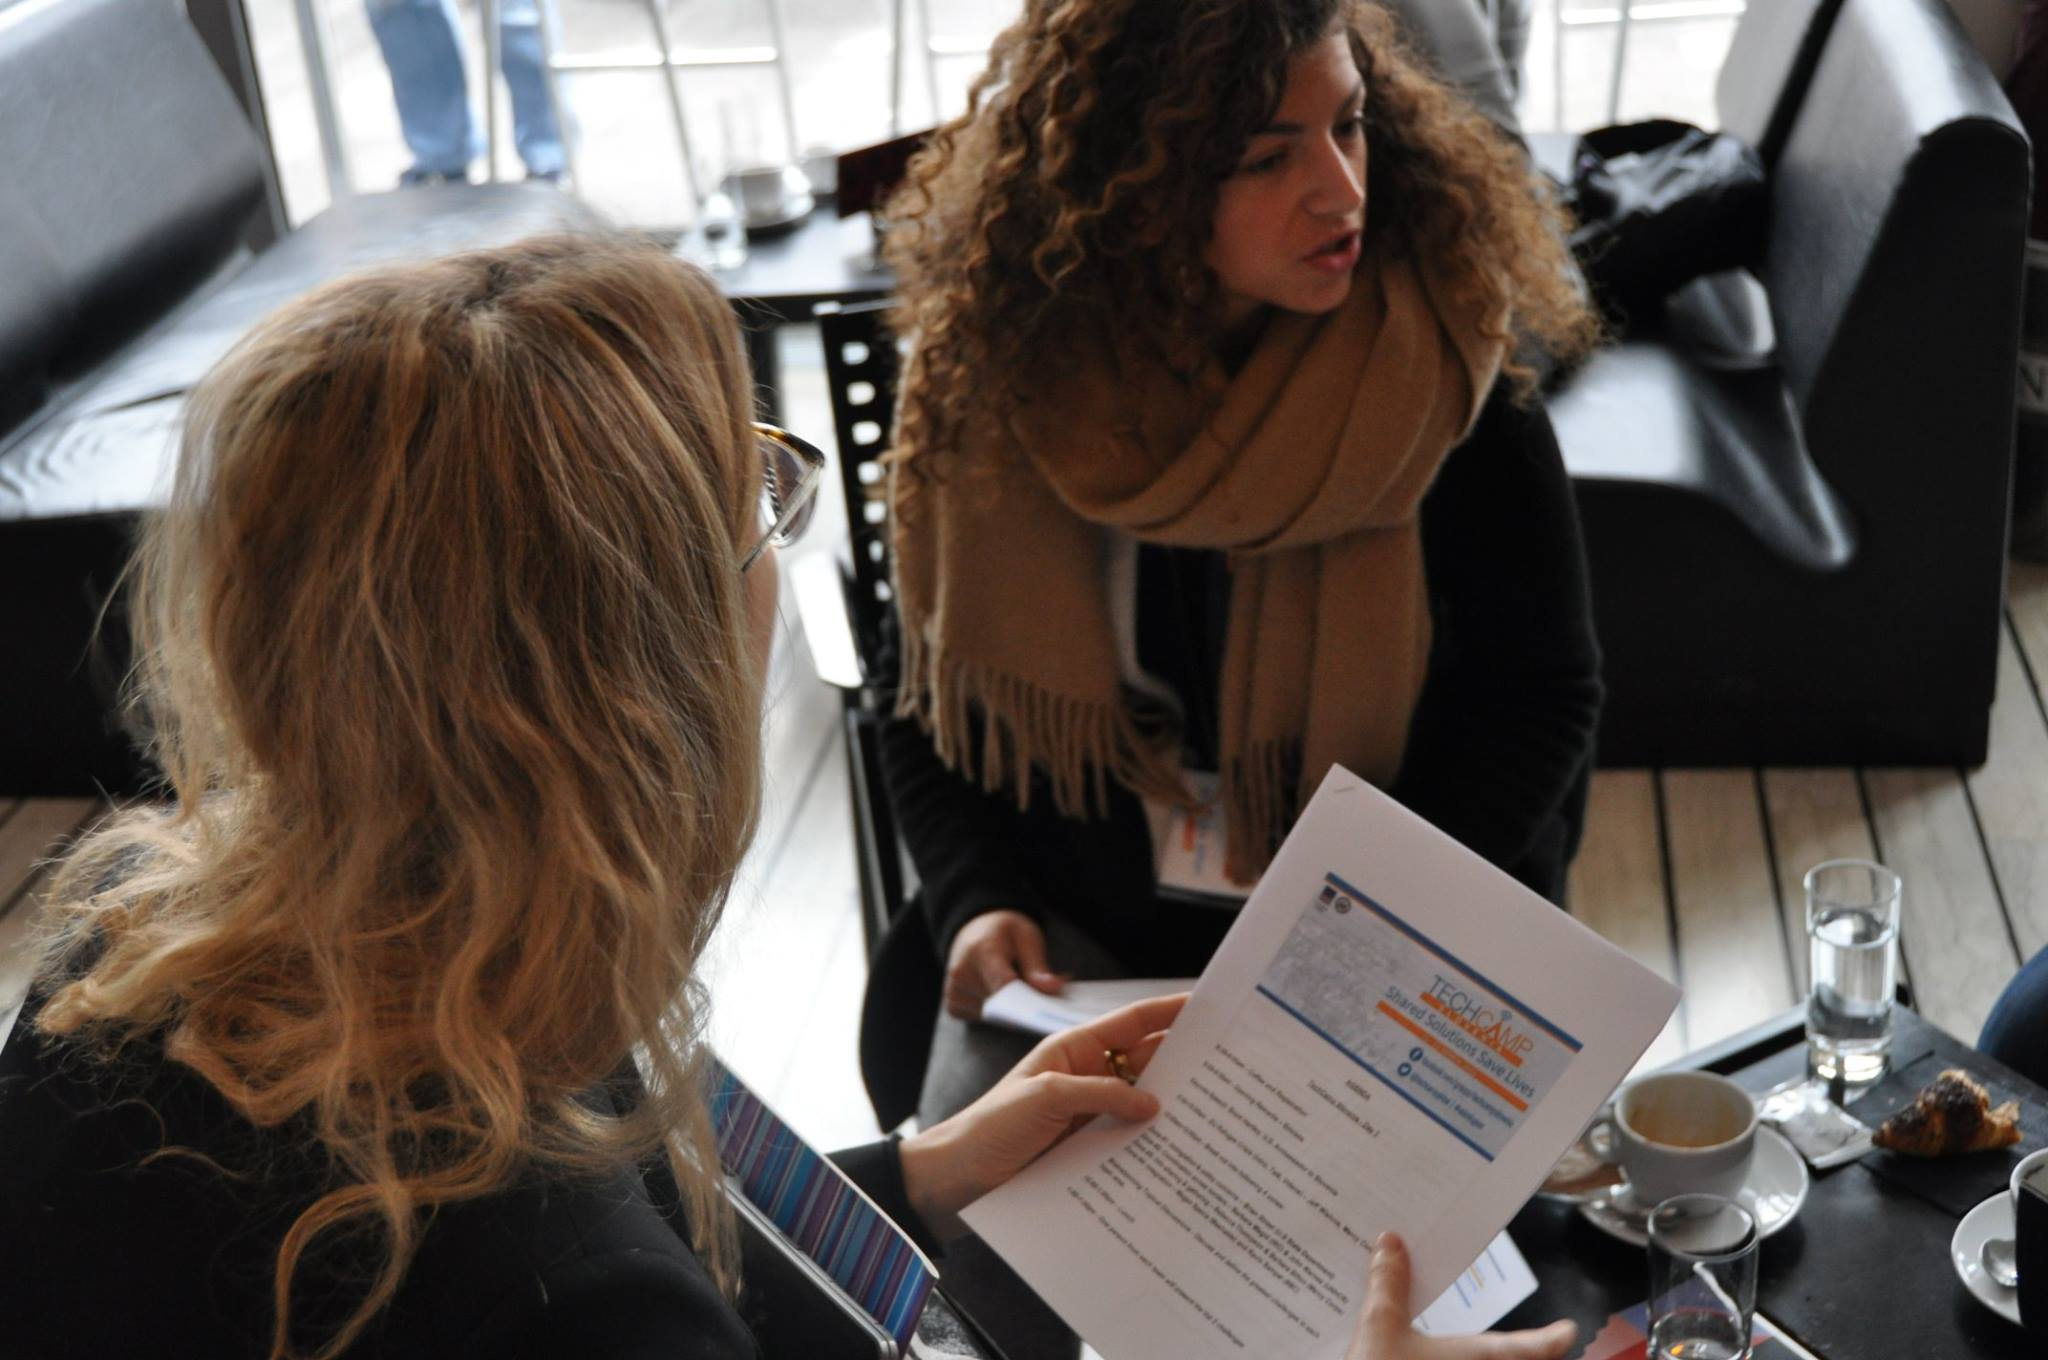 TechCamp Slovenia participants discuss the technology workshop's agenda.